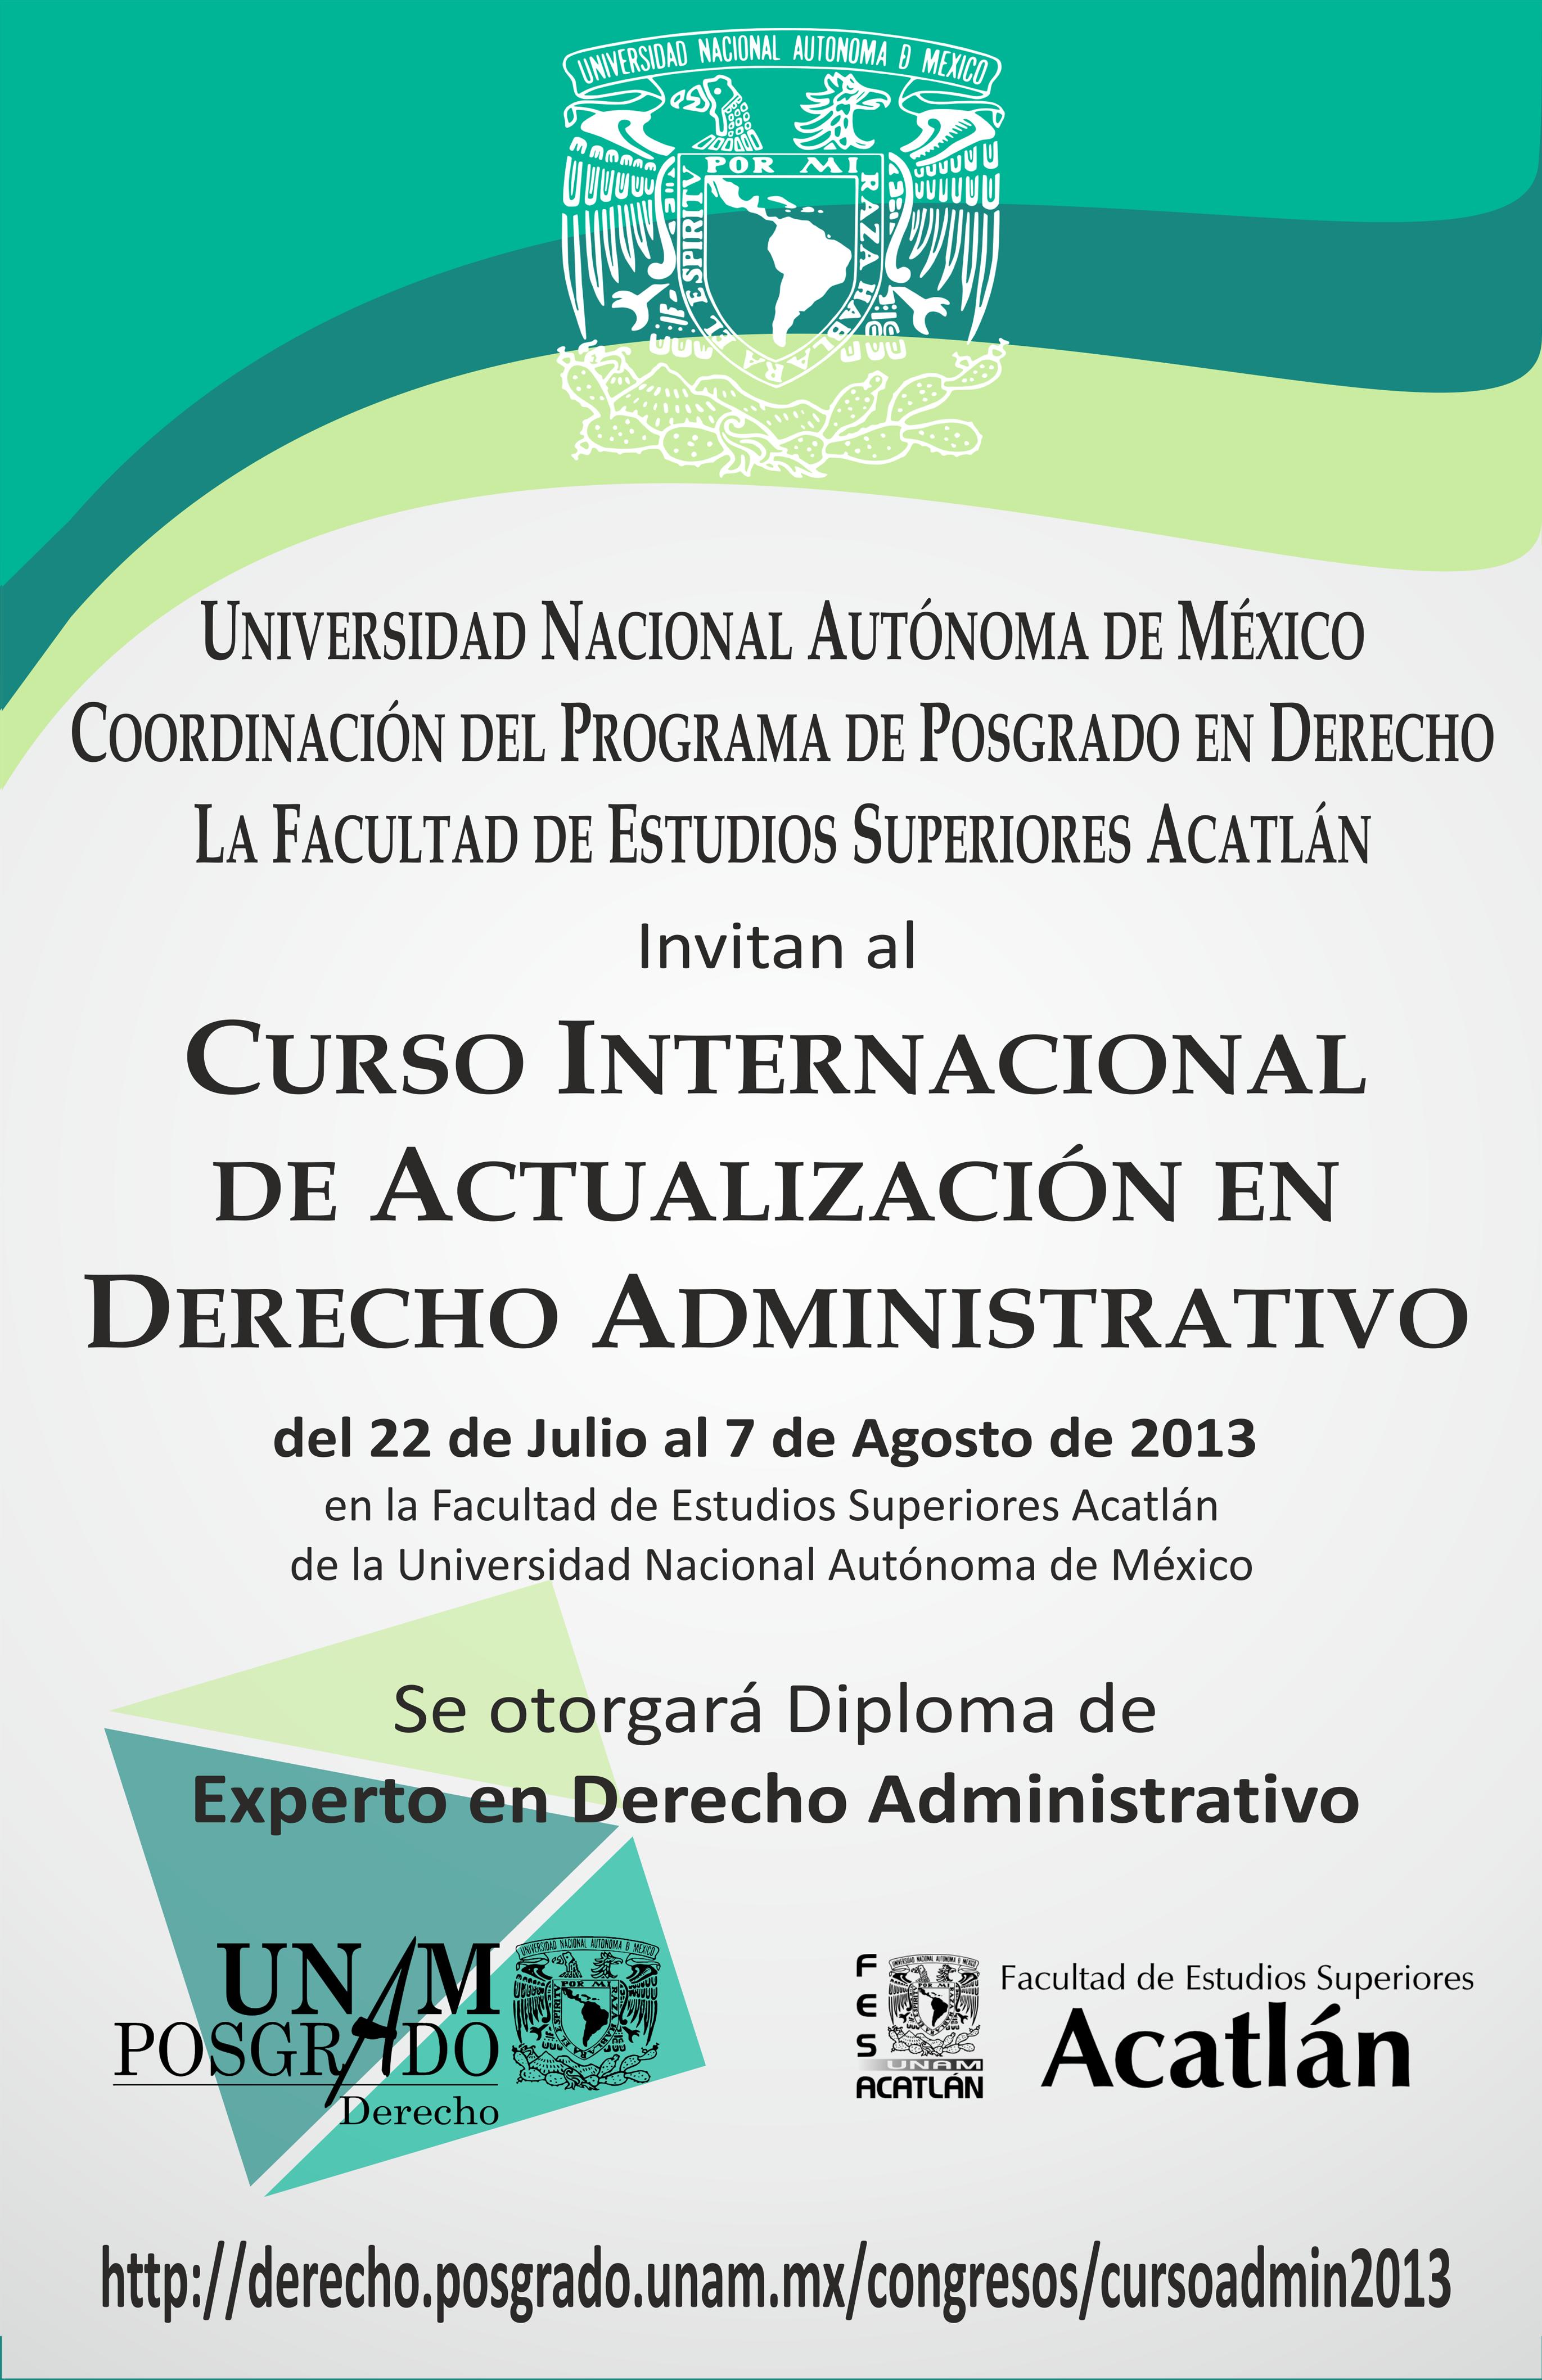 Curso Internacional De Actualizaci 243 N En Derecho Administrativo 2013